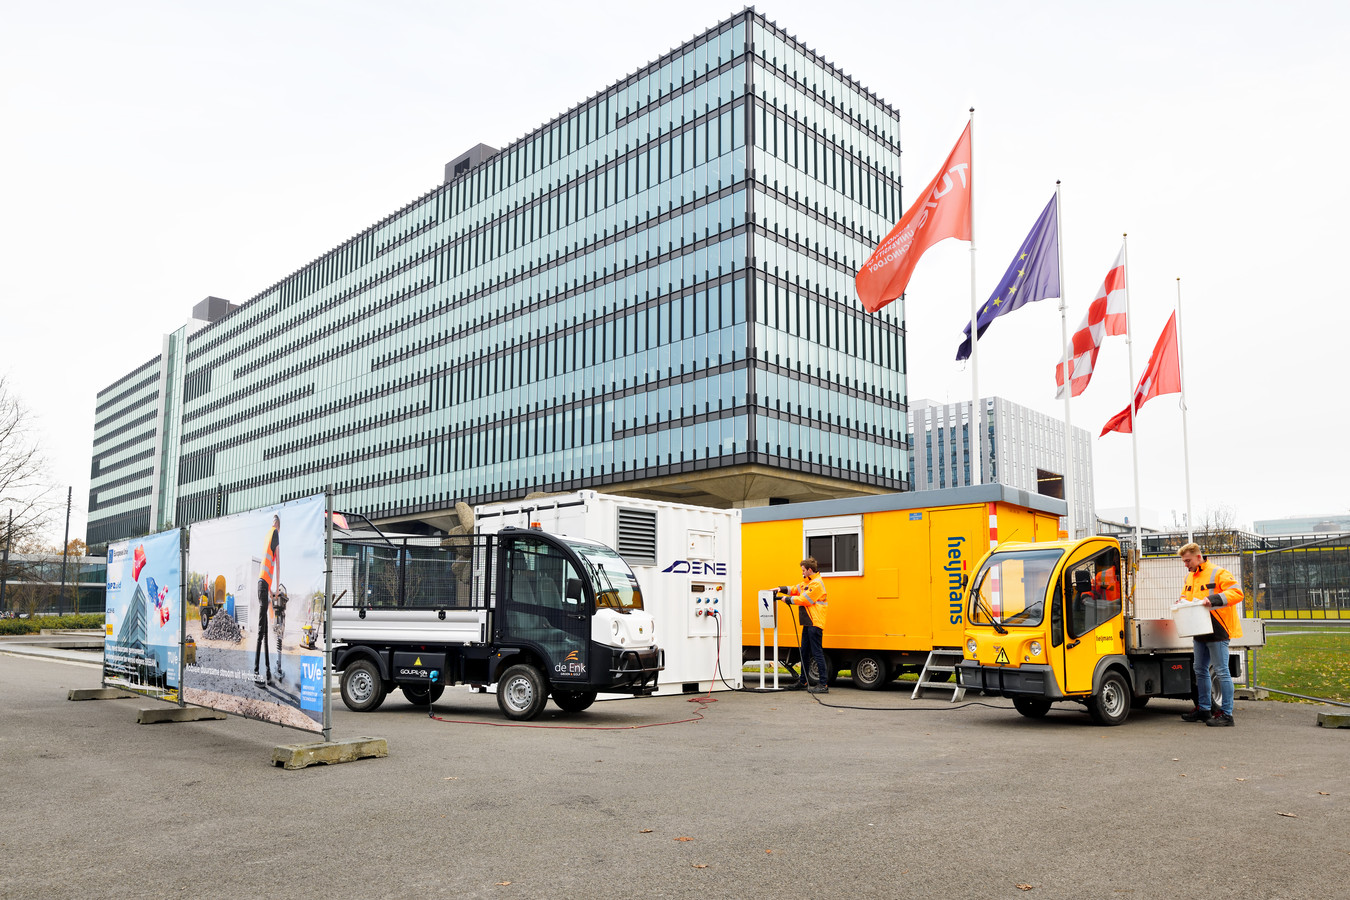 Het hydrozine aggregaat van Dens in gebruik tijdens een proef met elektrische wagens voor groenonderhoud de campus van de TU/e.